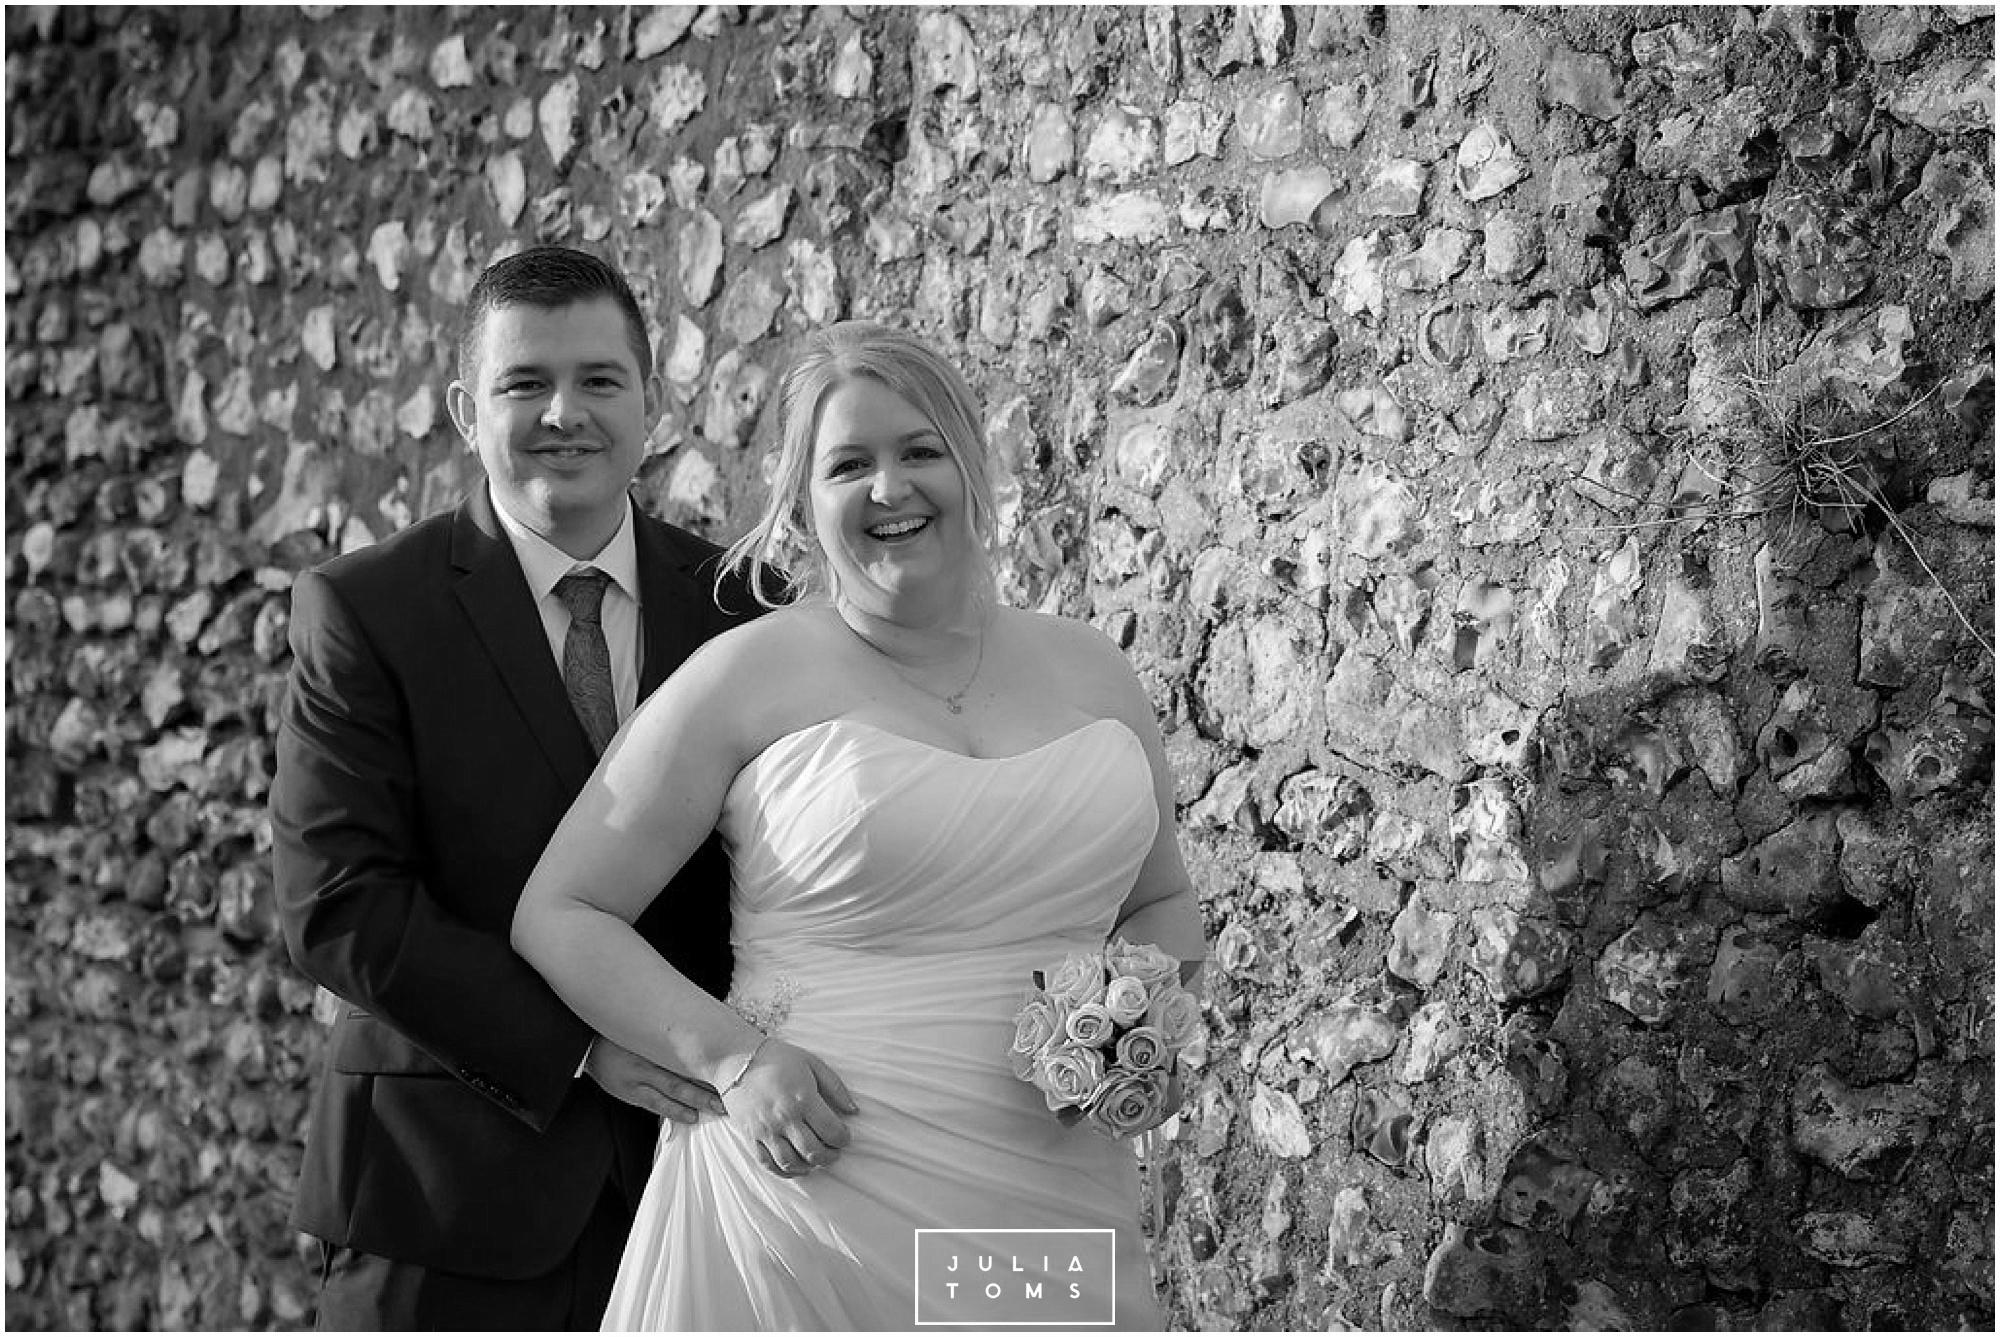 JuliaToms_chichester_wedding_photograher_edes_house_027.jpg